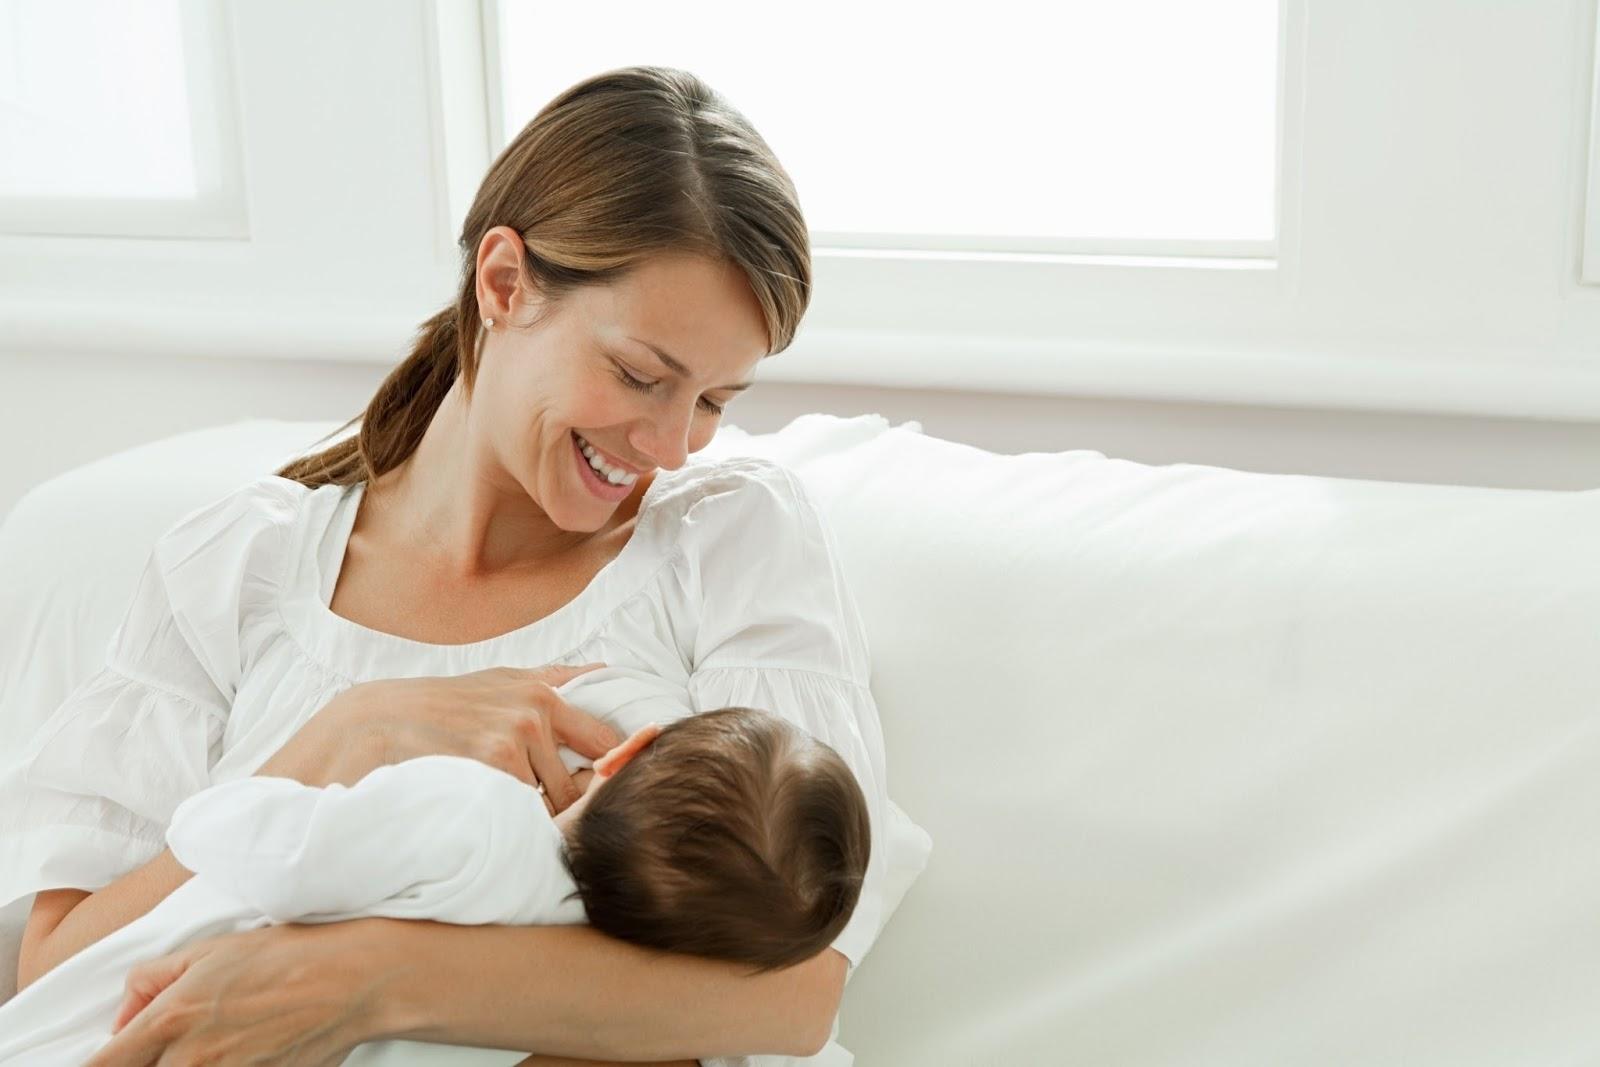 Veja como posicionar a criança corretamente no momento da amamentação (Foto: Ilustração)